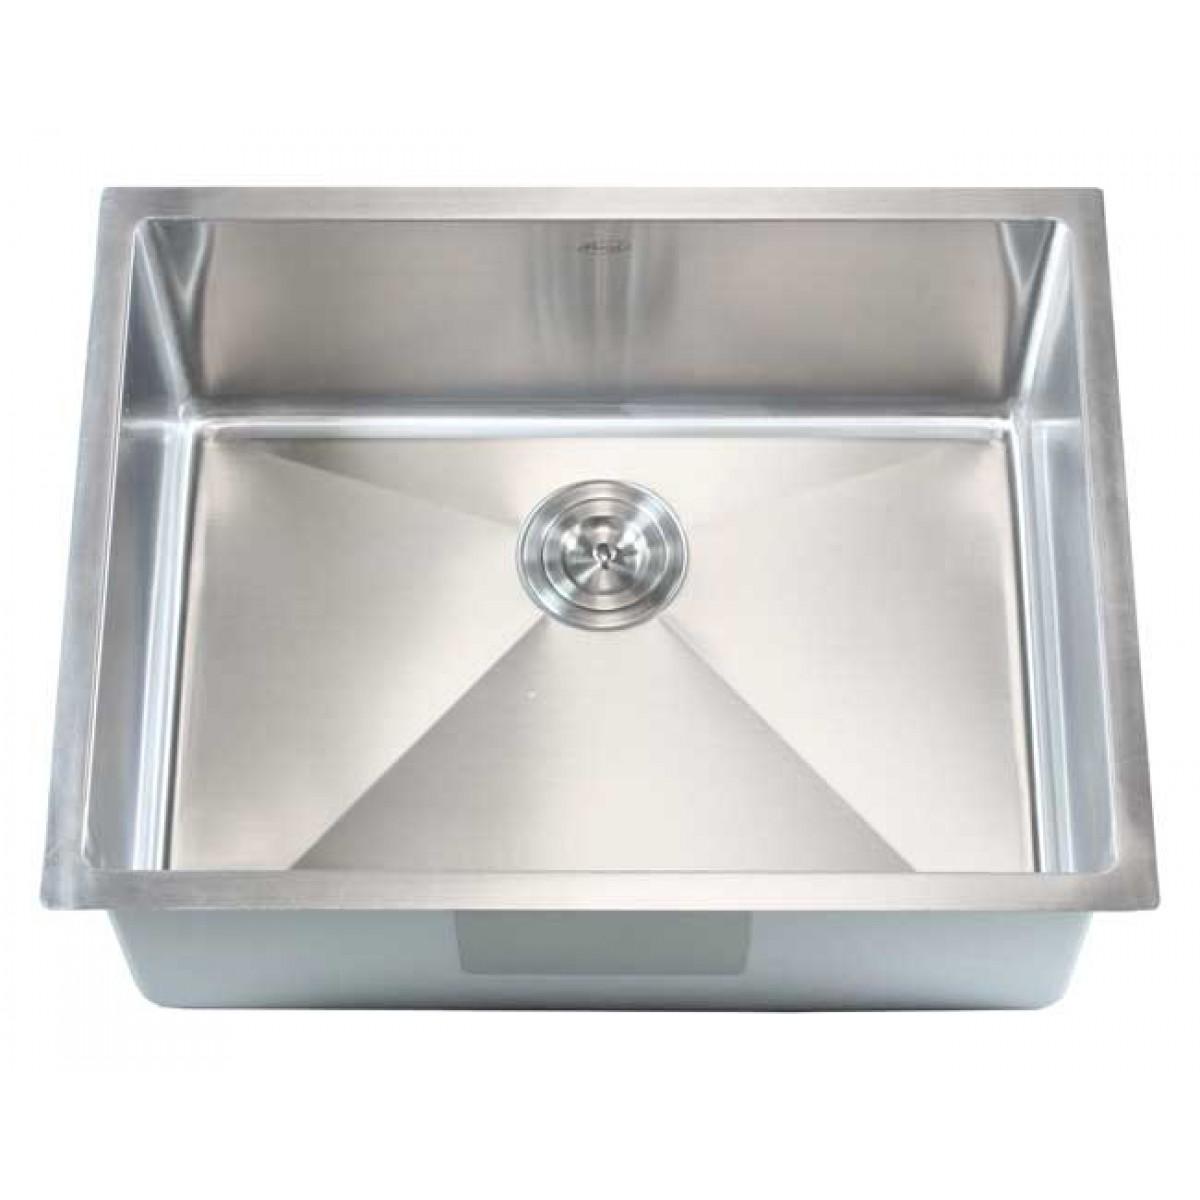 Ariel 26 Inch Stainless Steel Undermount Single Bowl Kitchen Sink ...